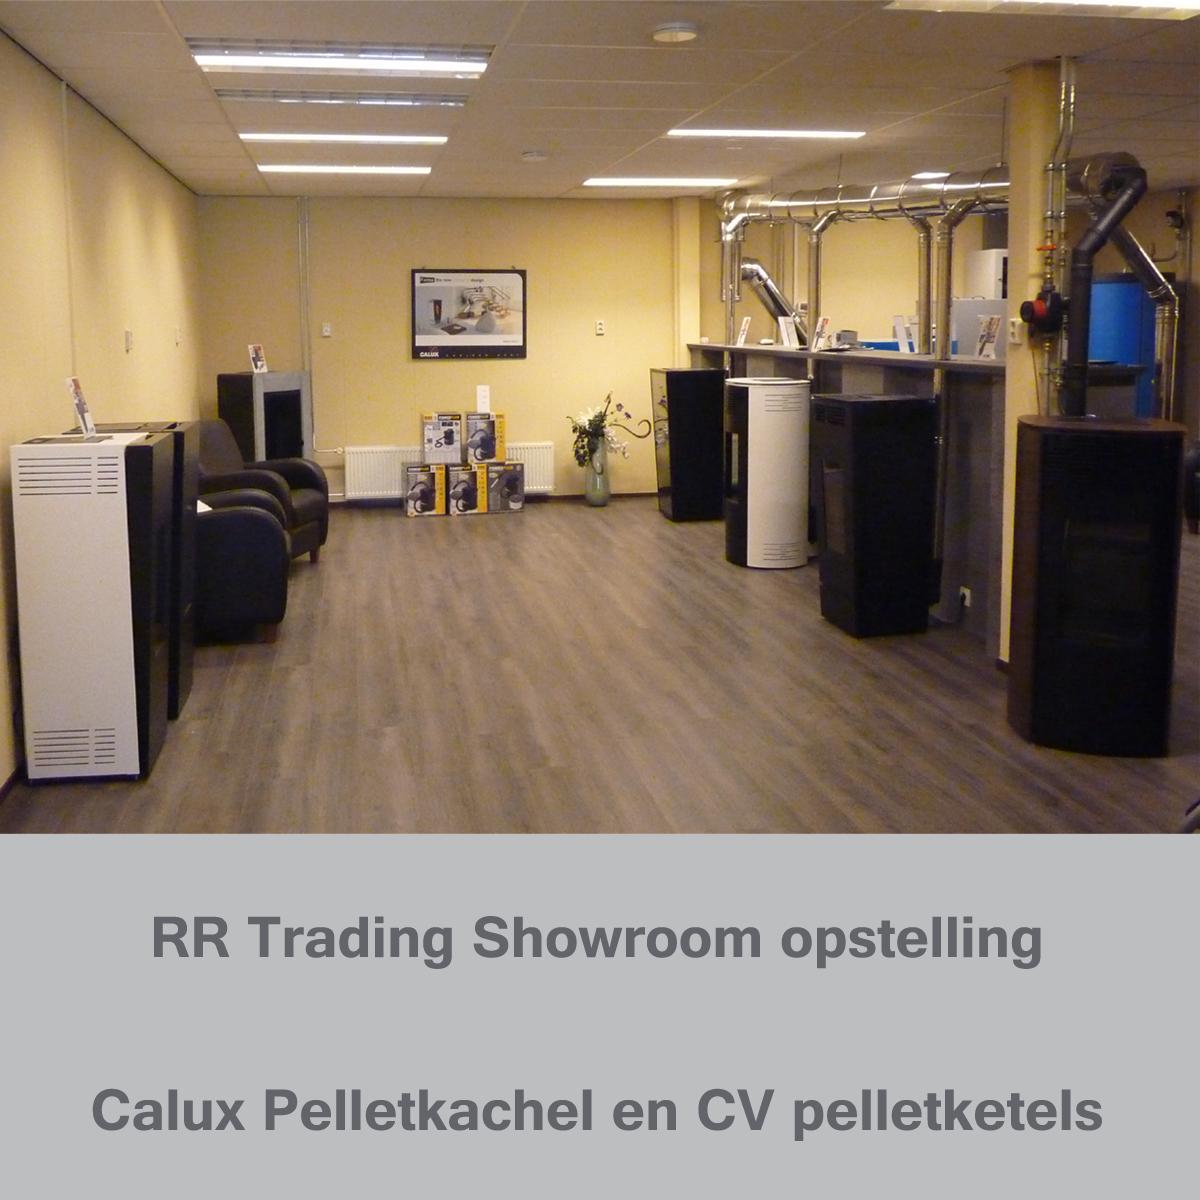 Kachel showroom